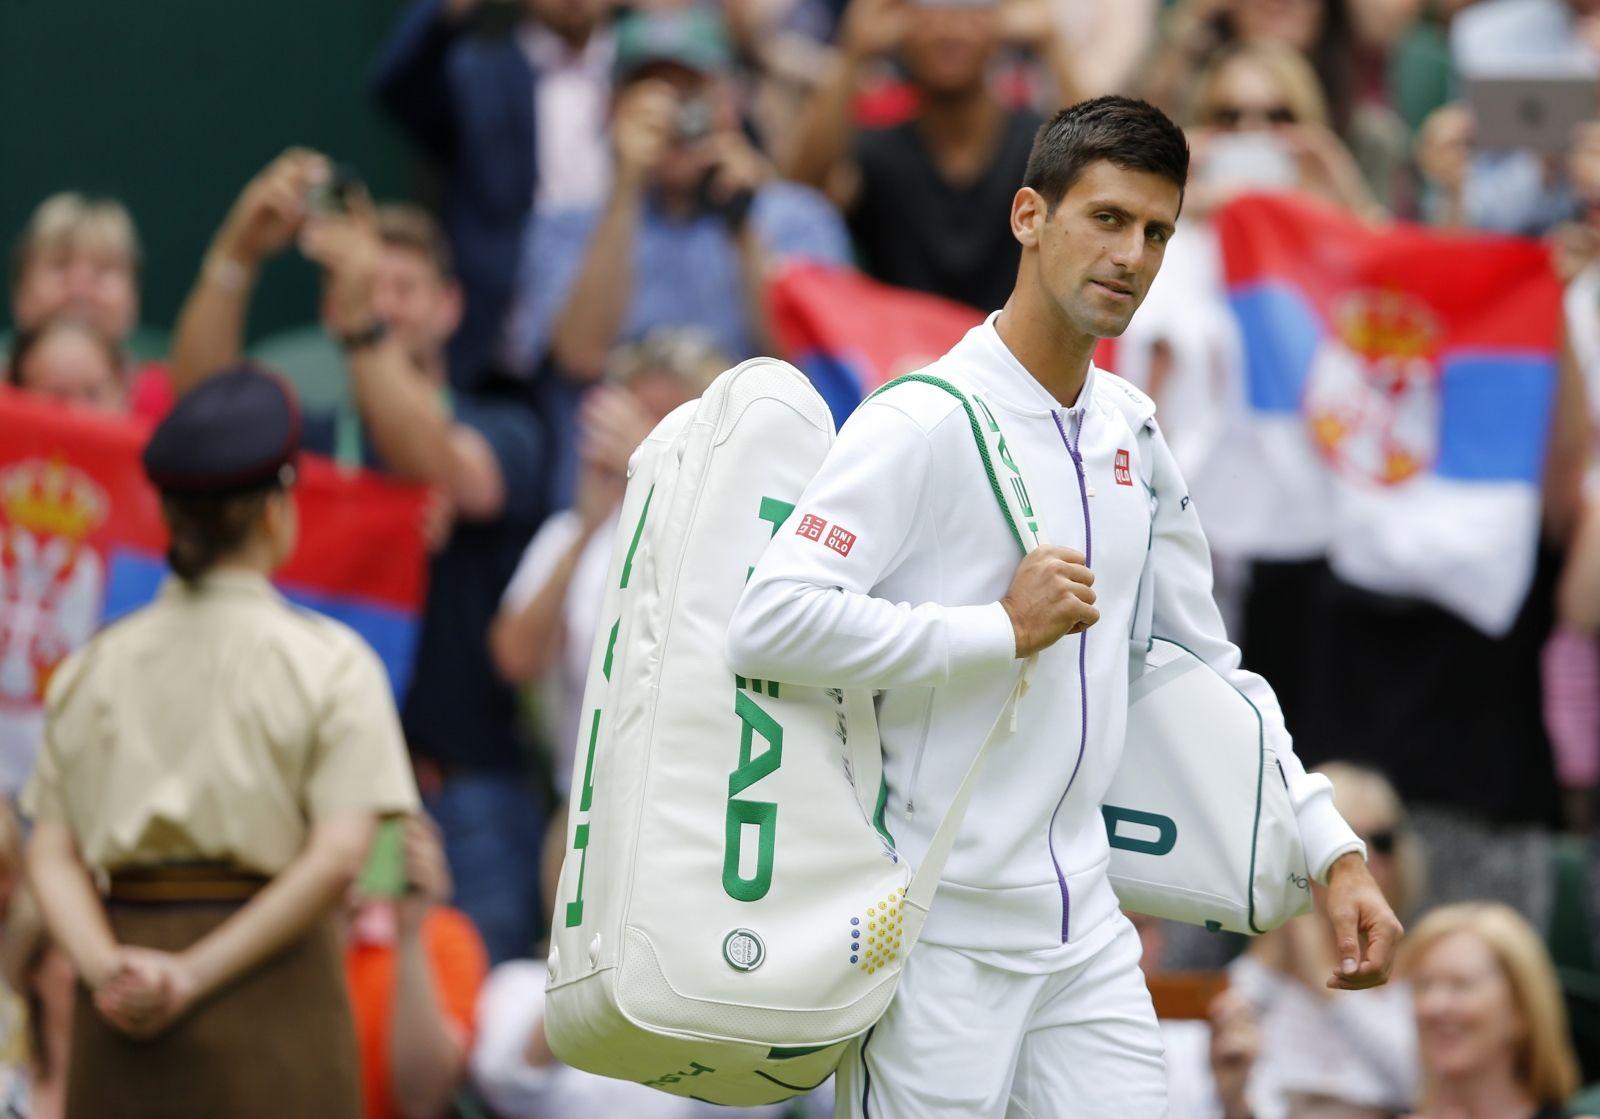 Novak Djokovic cheating row